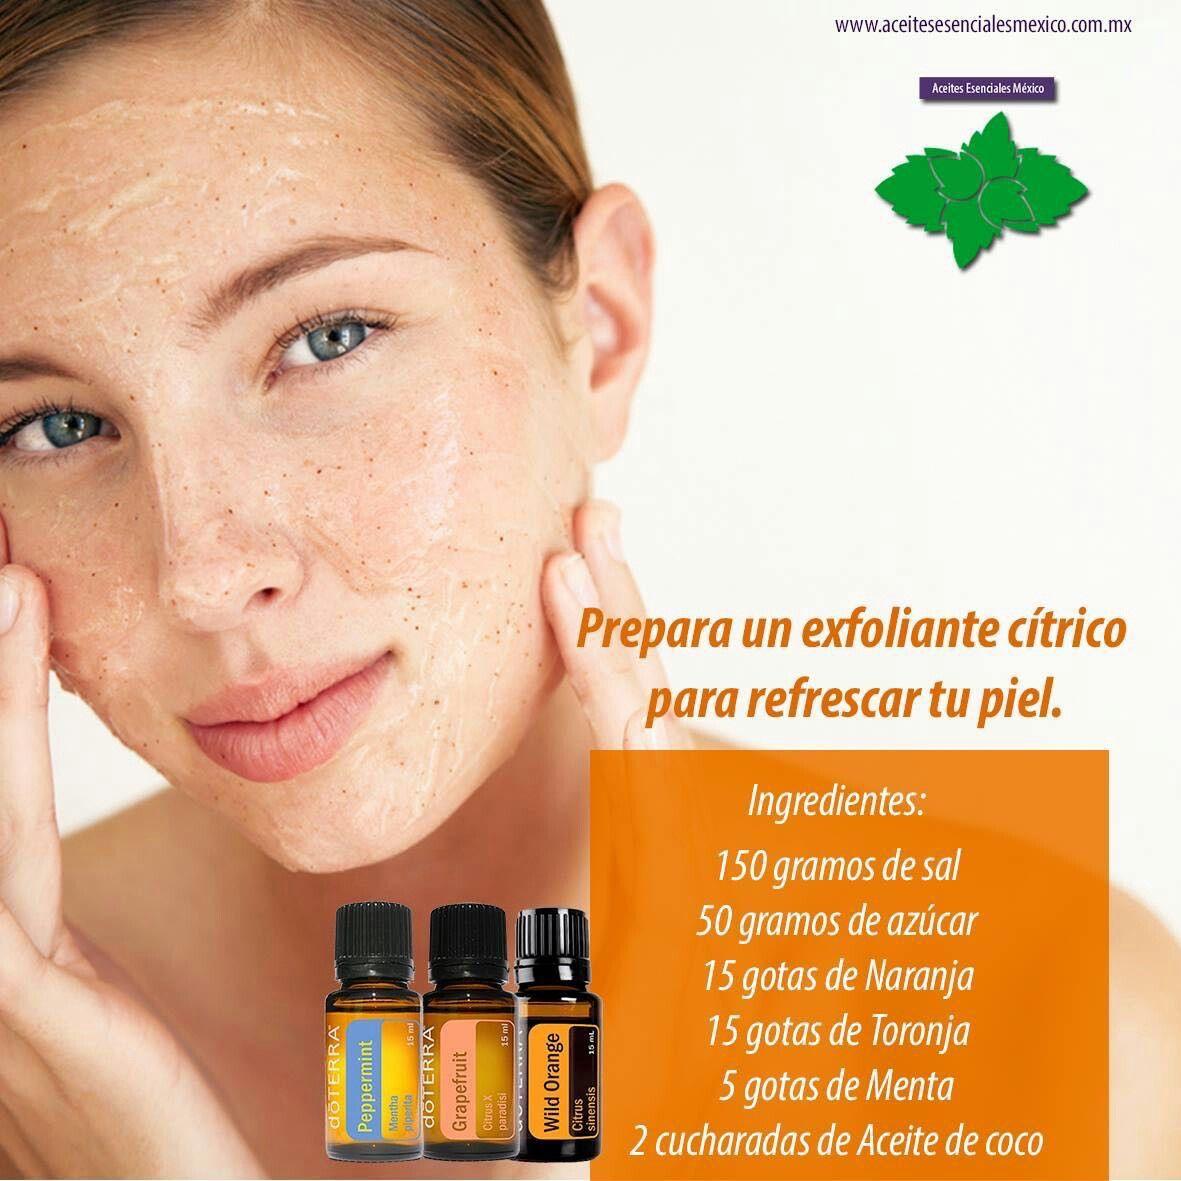 Exfoliante para refrescar la piel del rostro